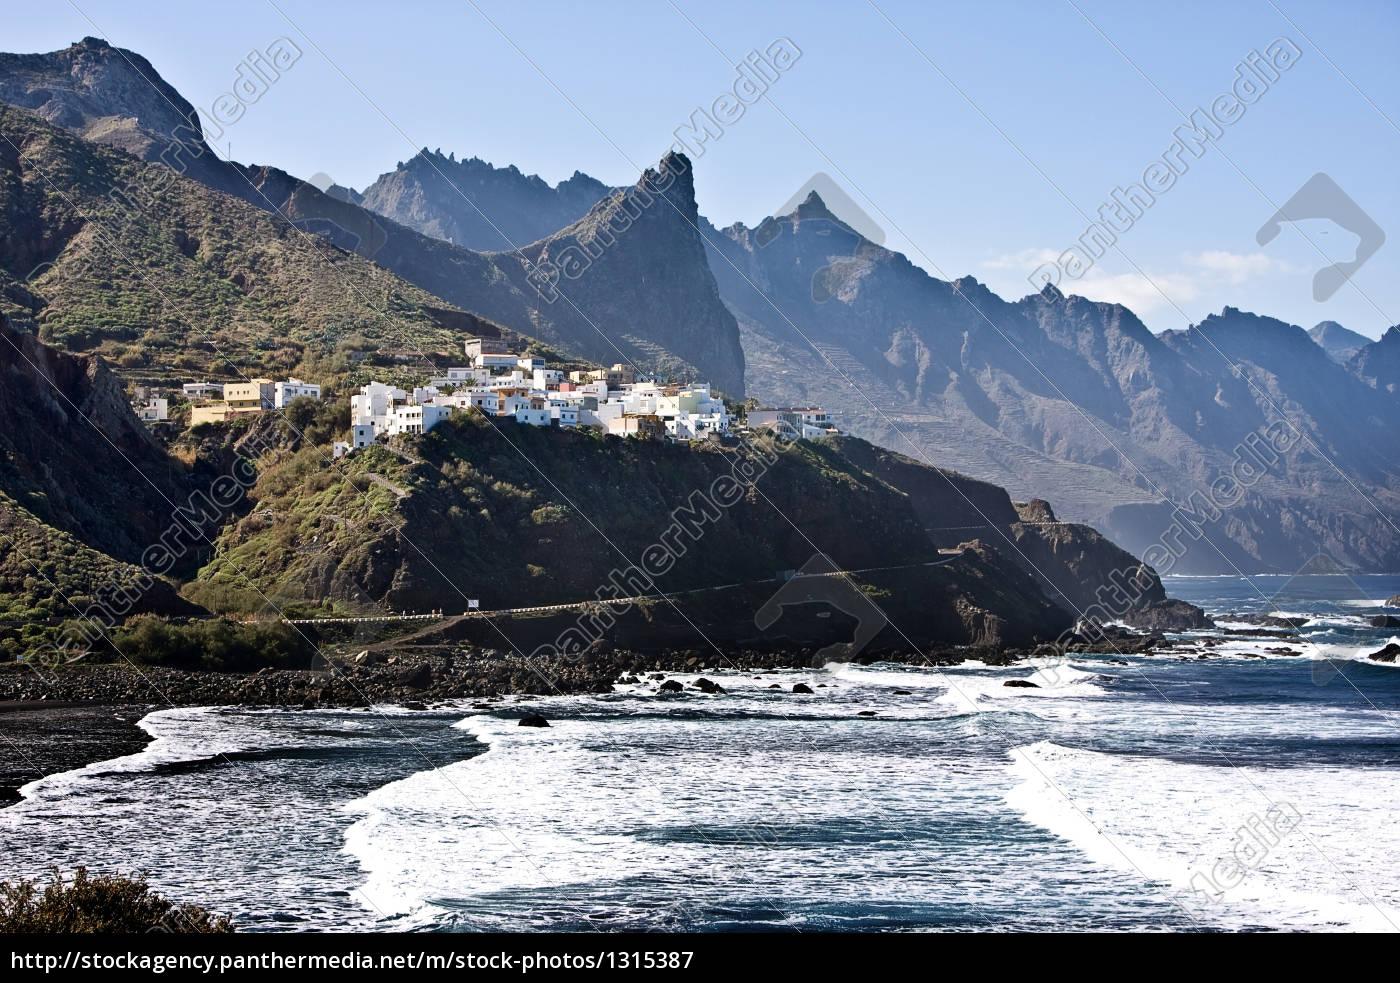 view, of, taganana - 1315387